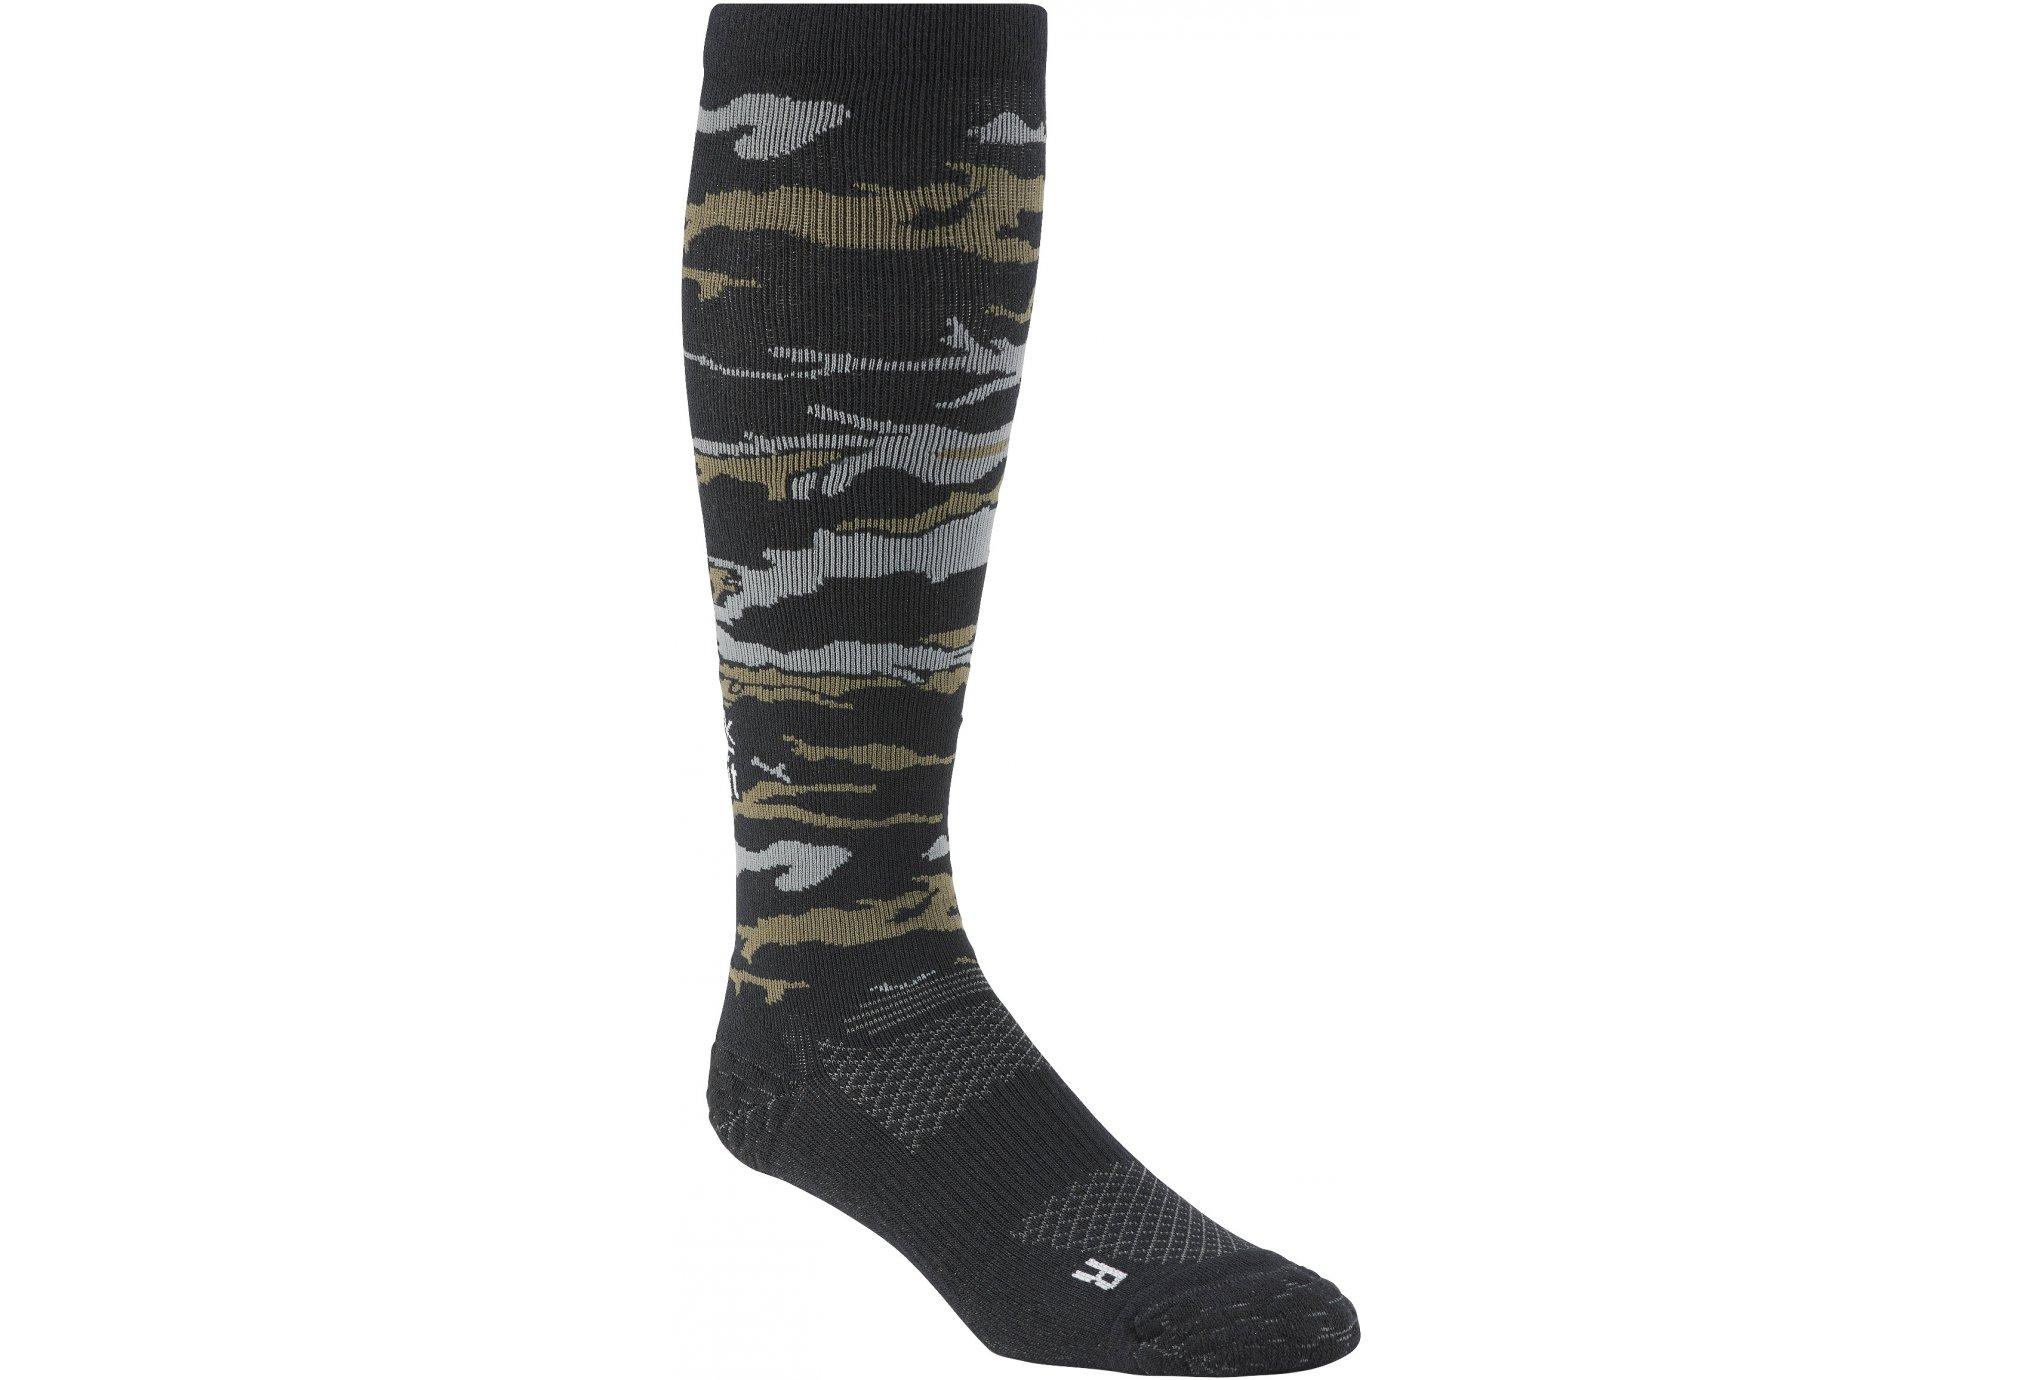 Reebok Chaussettes de Compression CrossFit Chaussettes